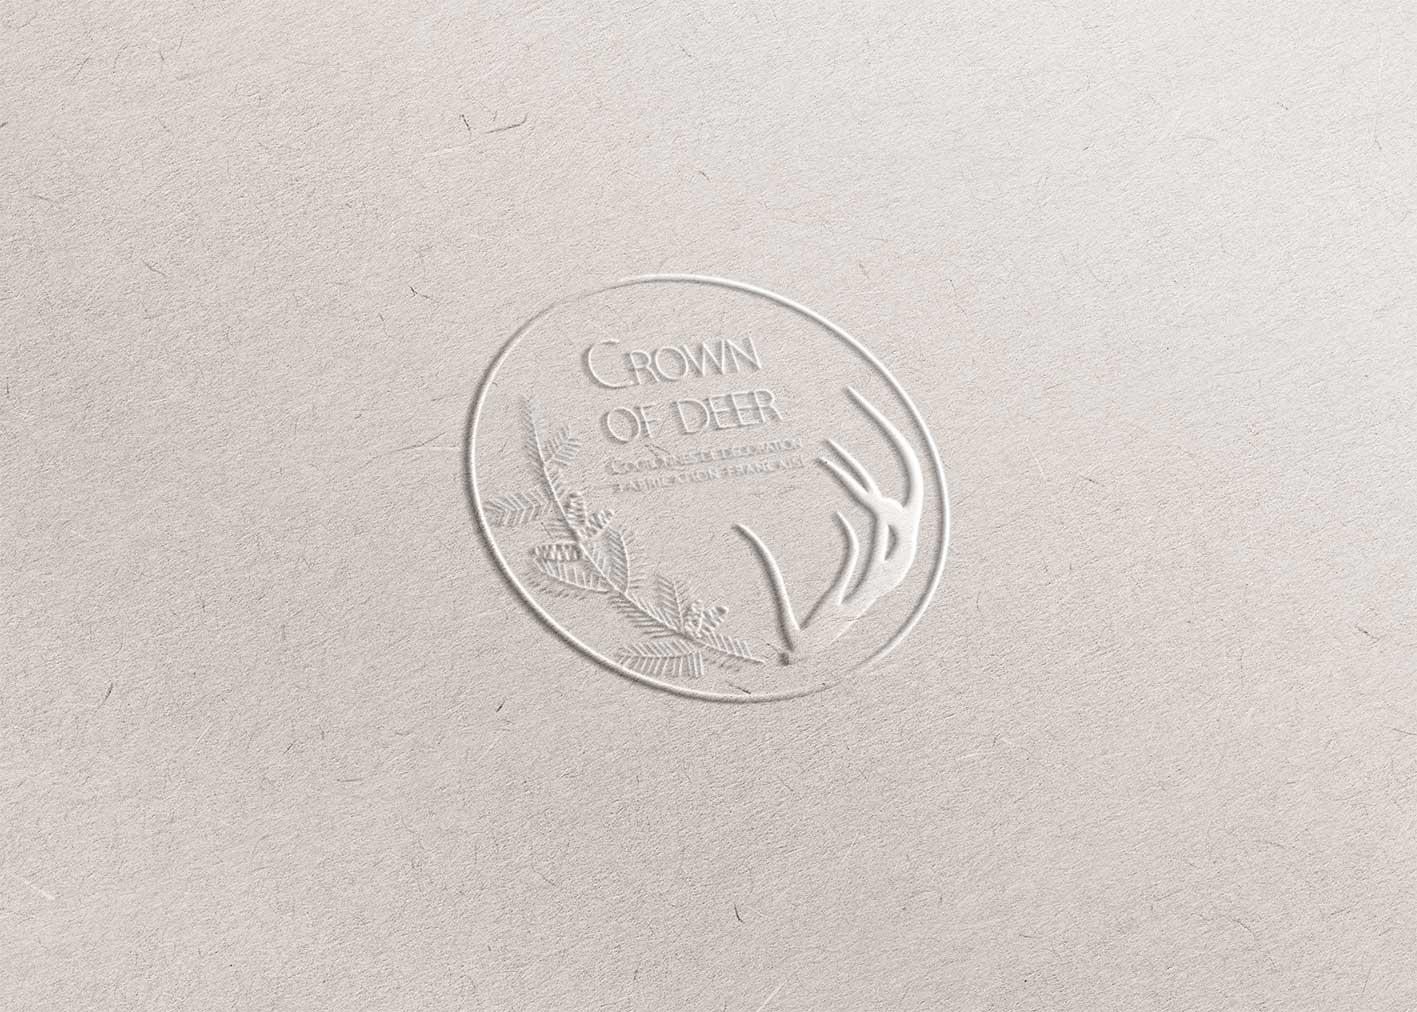 cod-crownofdeer-logo-cerf